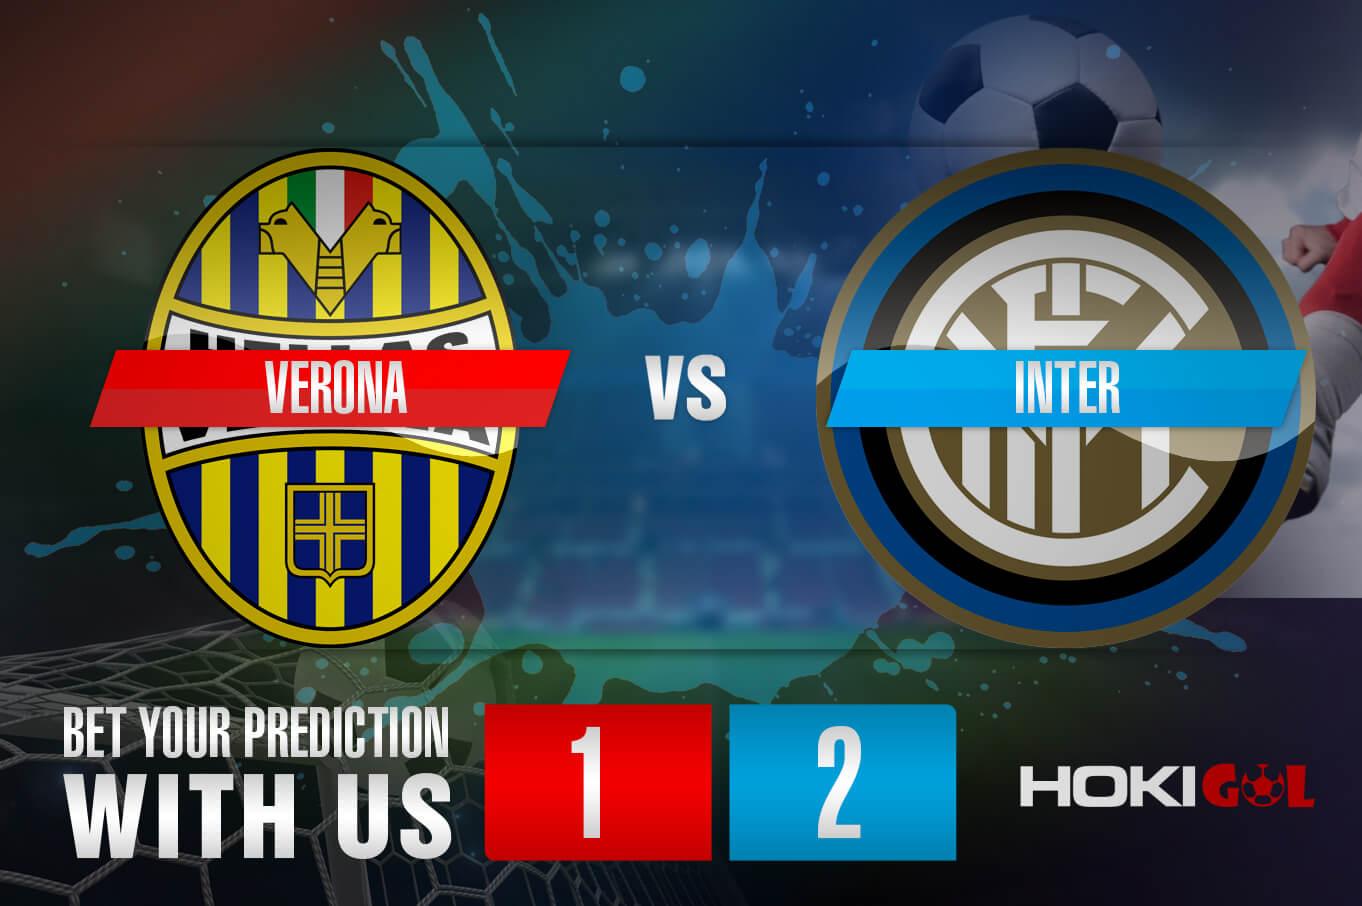 Prediksi Bola Verona Vs Inter 24 Desember 2020